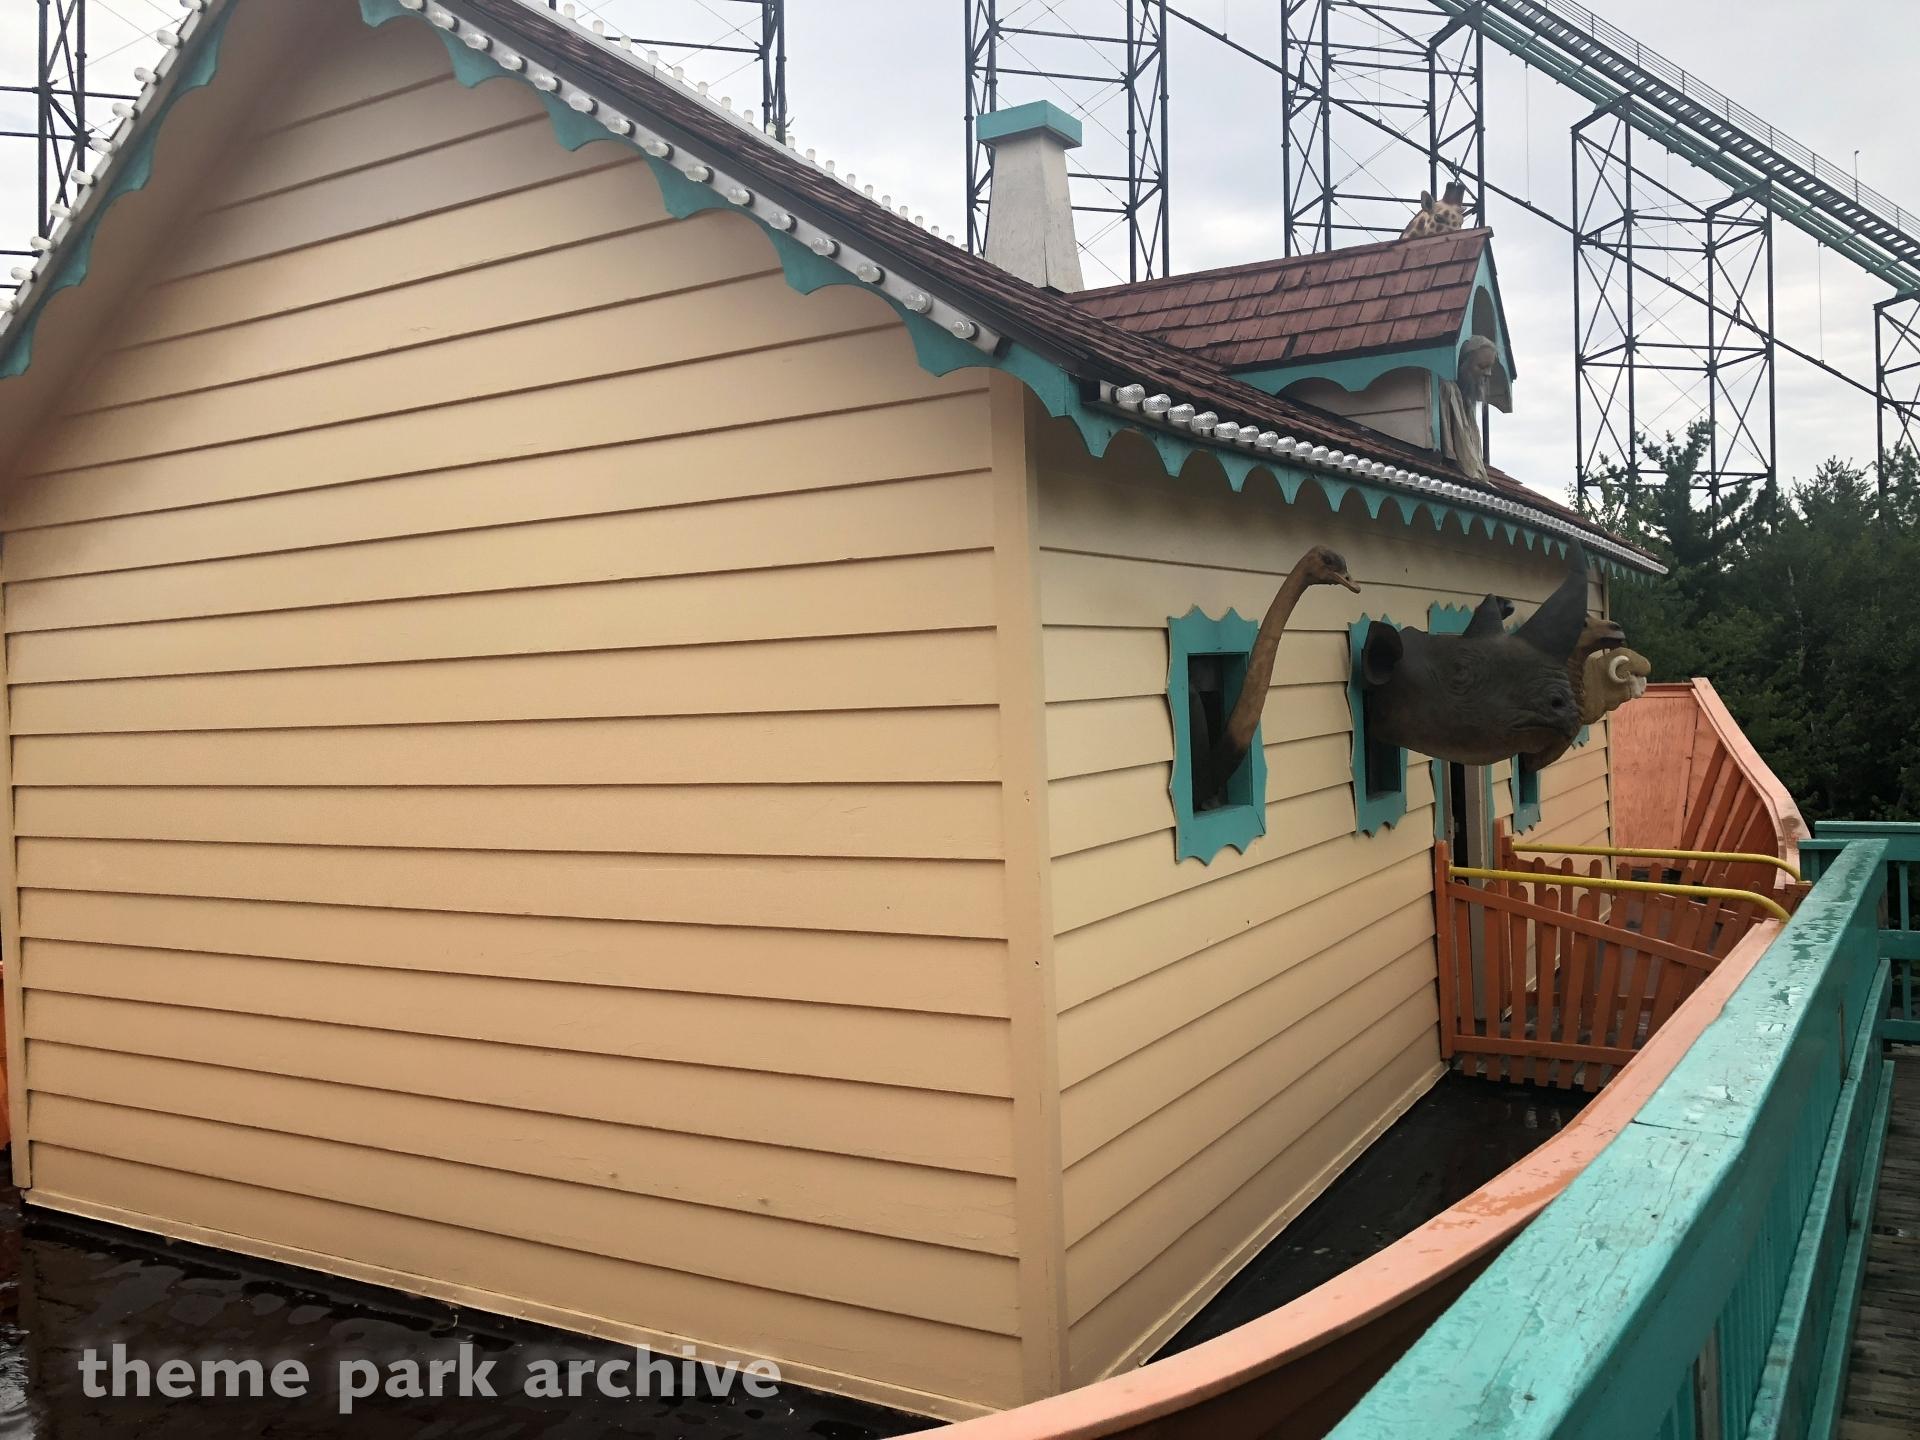 Noah's Ark at Kennywood